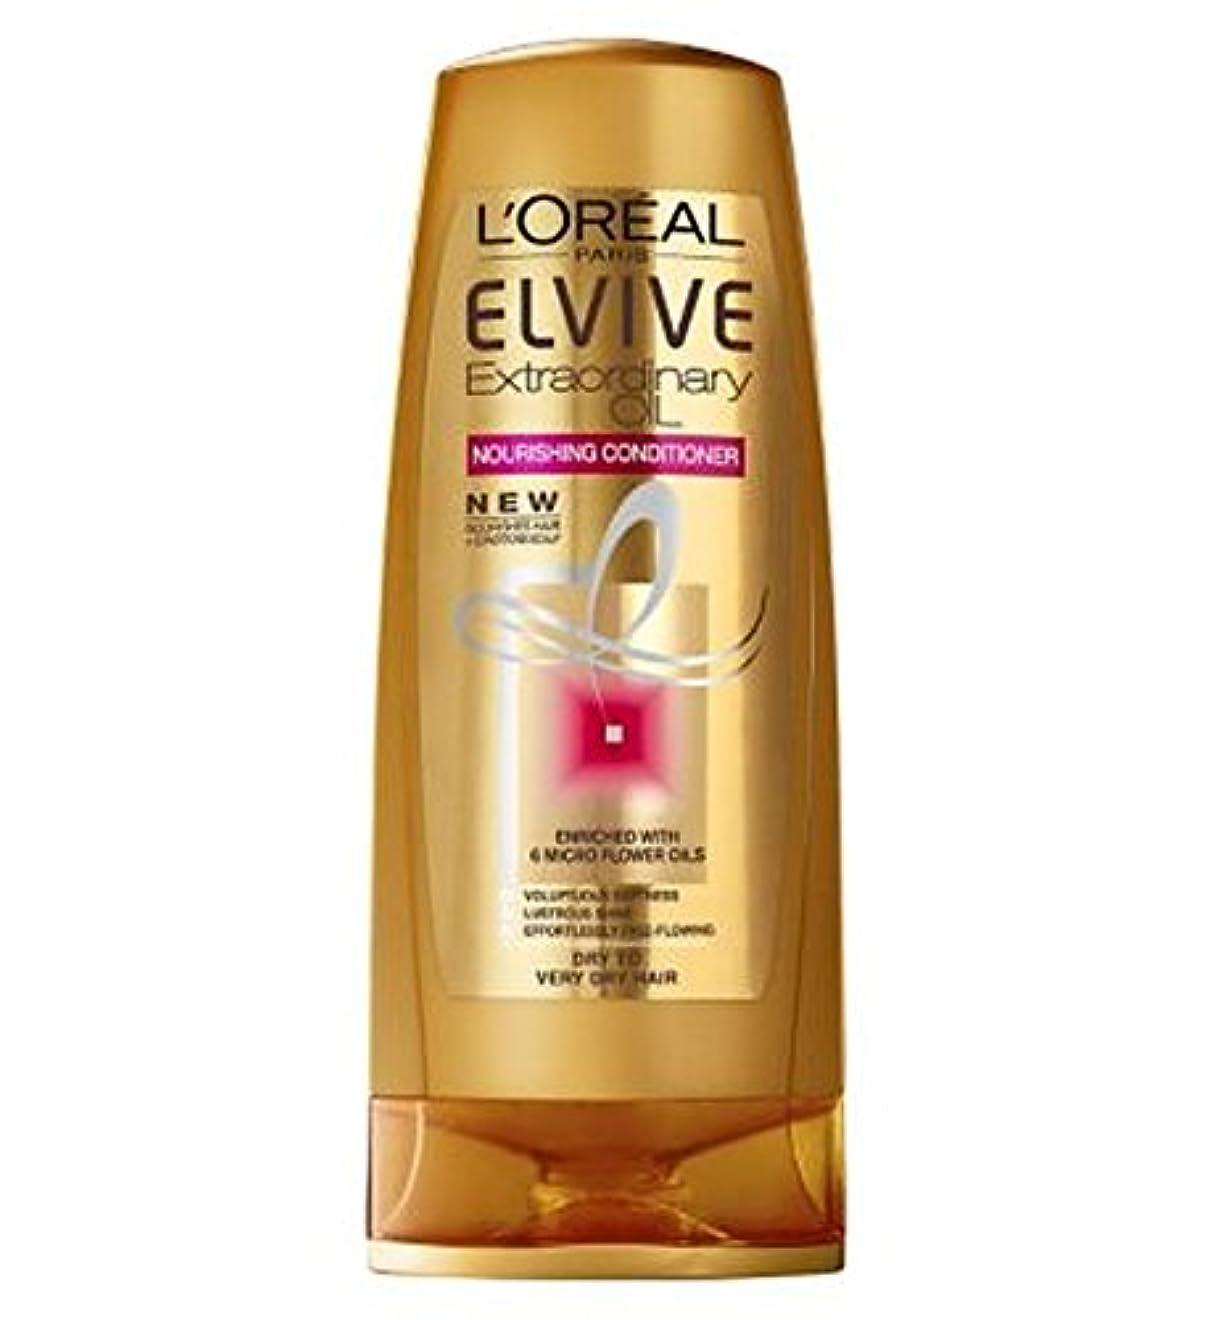 合理的家畜ダブルラフヘア250ミリリットルにコンディショナードライ栄養ロレアルElvive臨時油 (L'Oreal) (x2) - L'Oreal Elvive Extraordinary Oils Nourishing Conditioner...